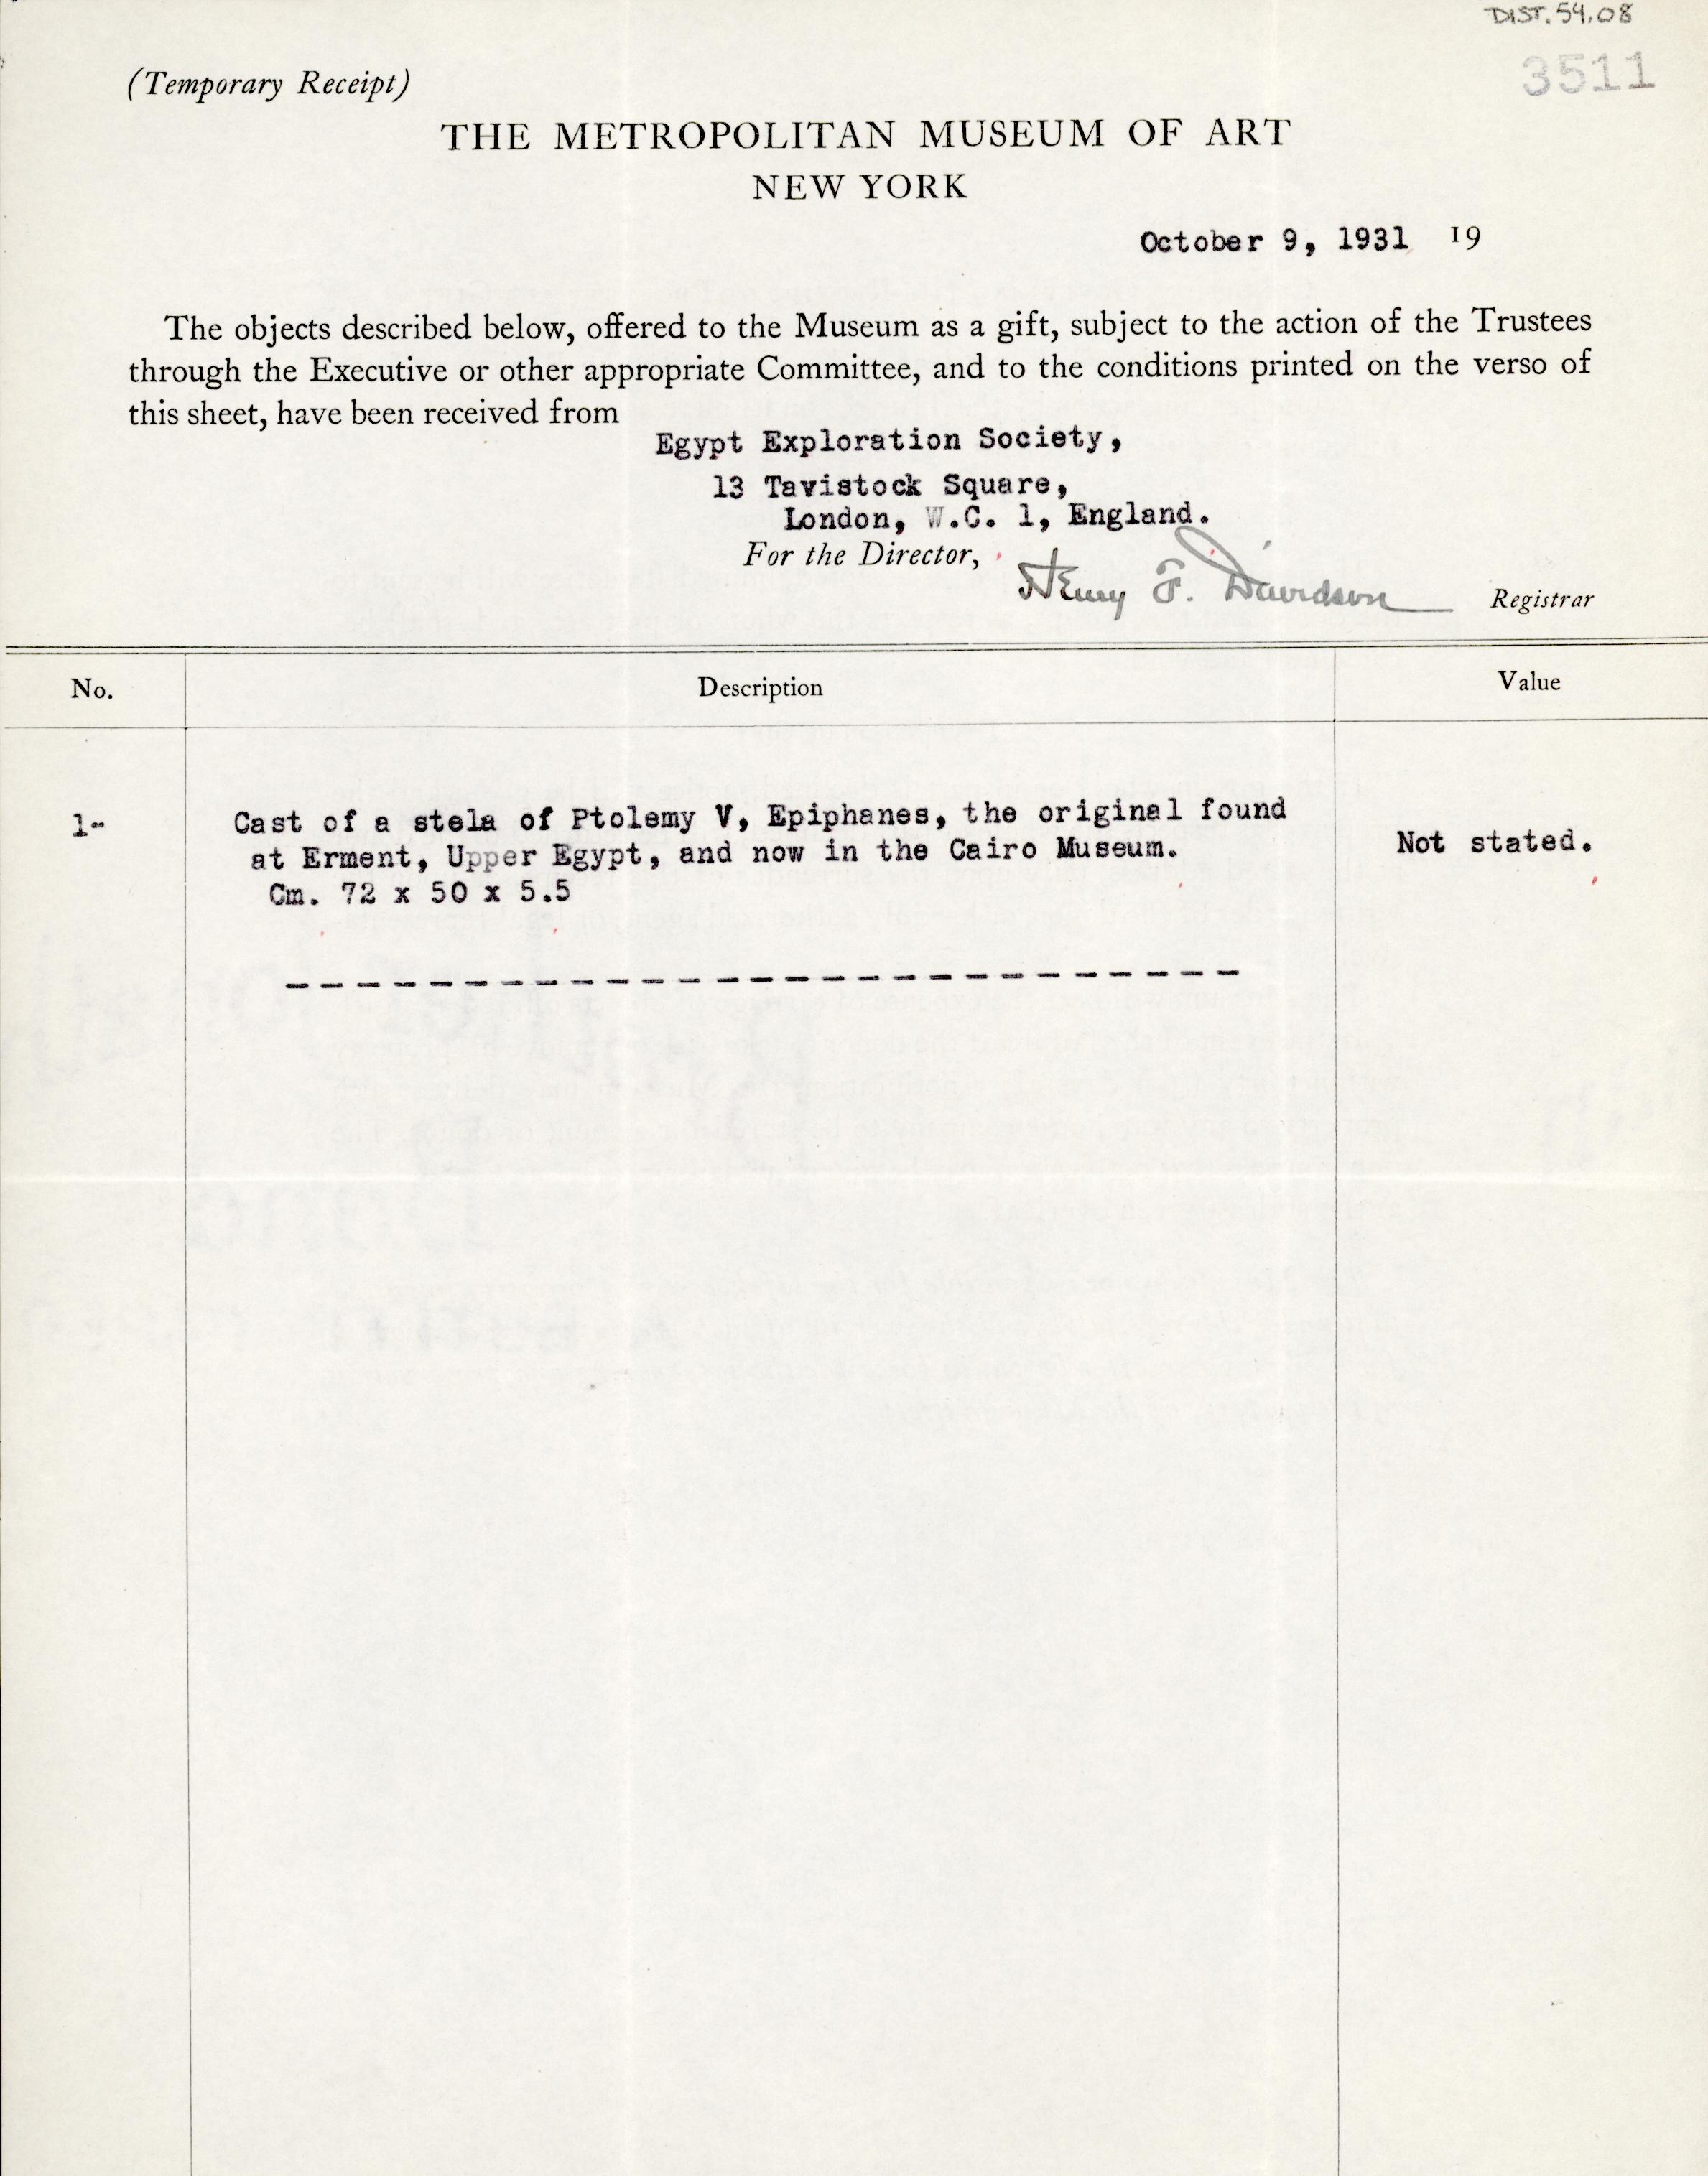 1931-32 el-Amarna and Armant DIST.54.08a